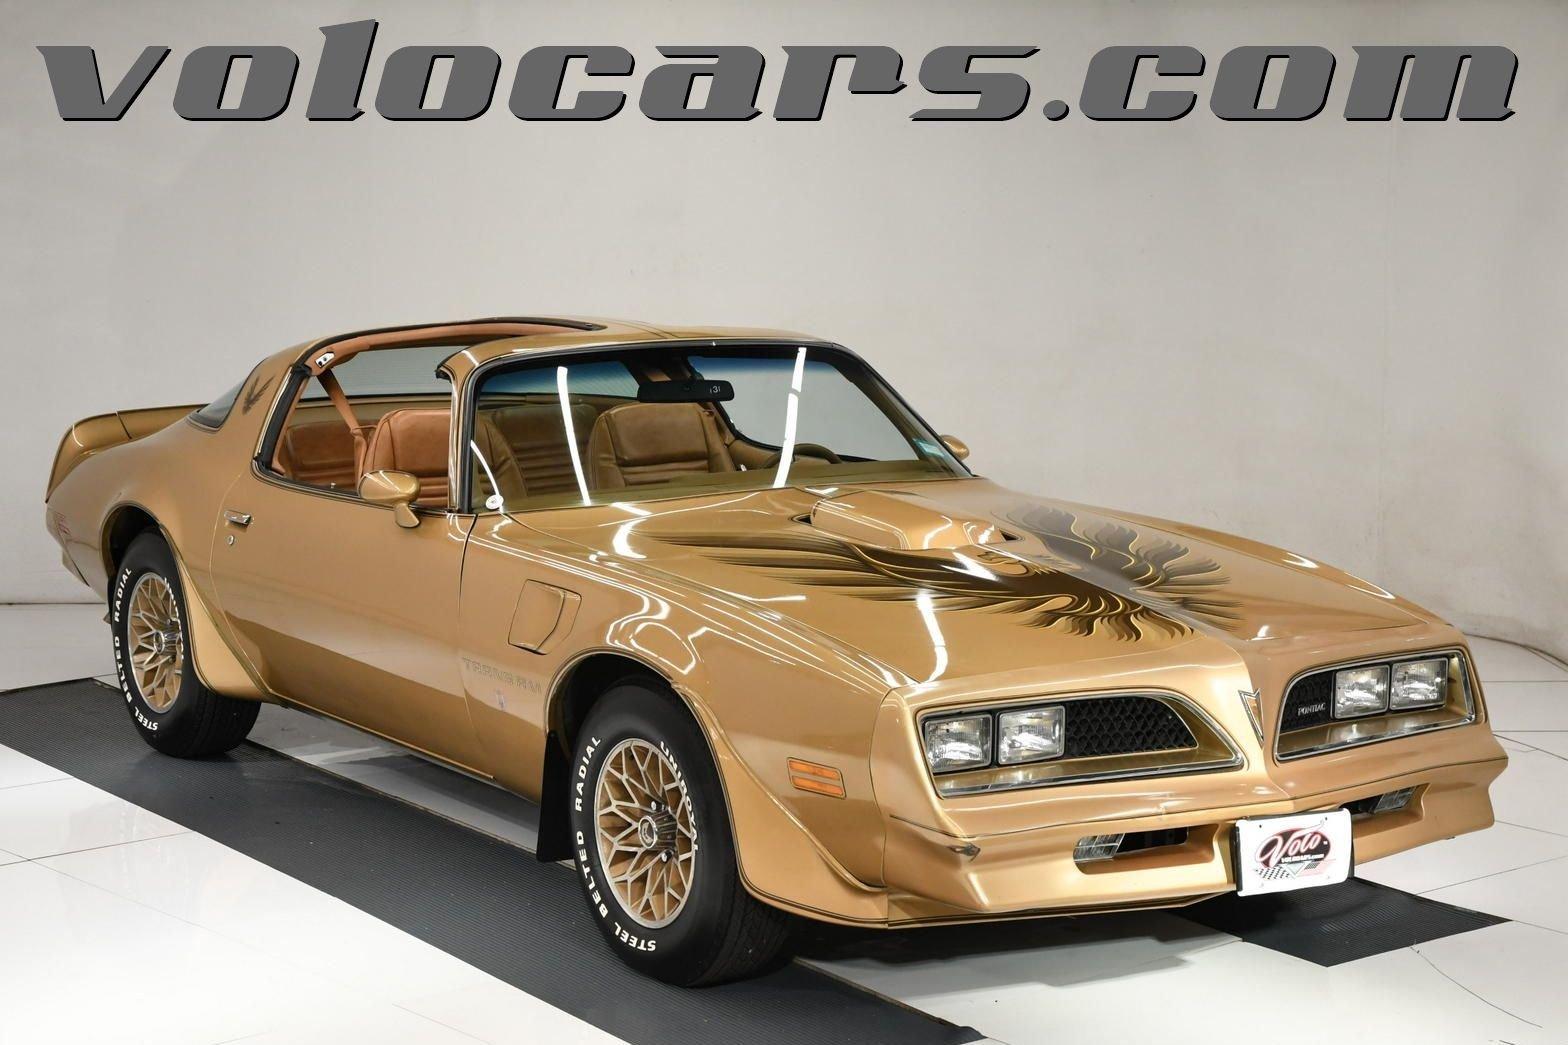 1978 pontiac trans am special gold edition